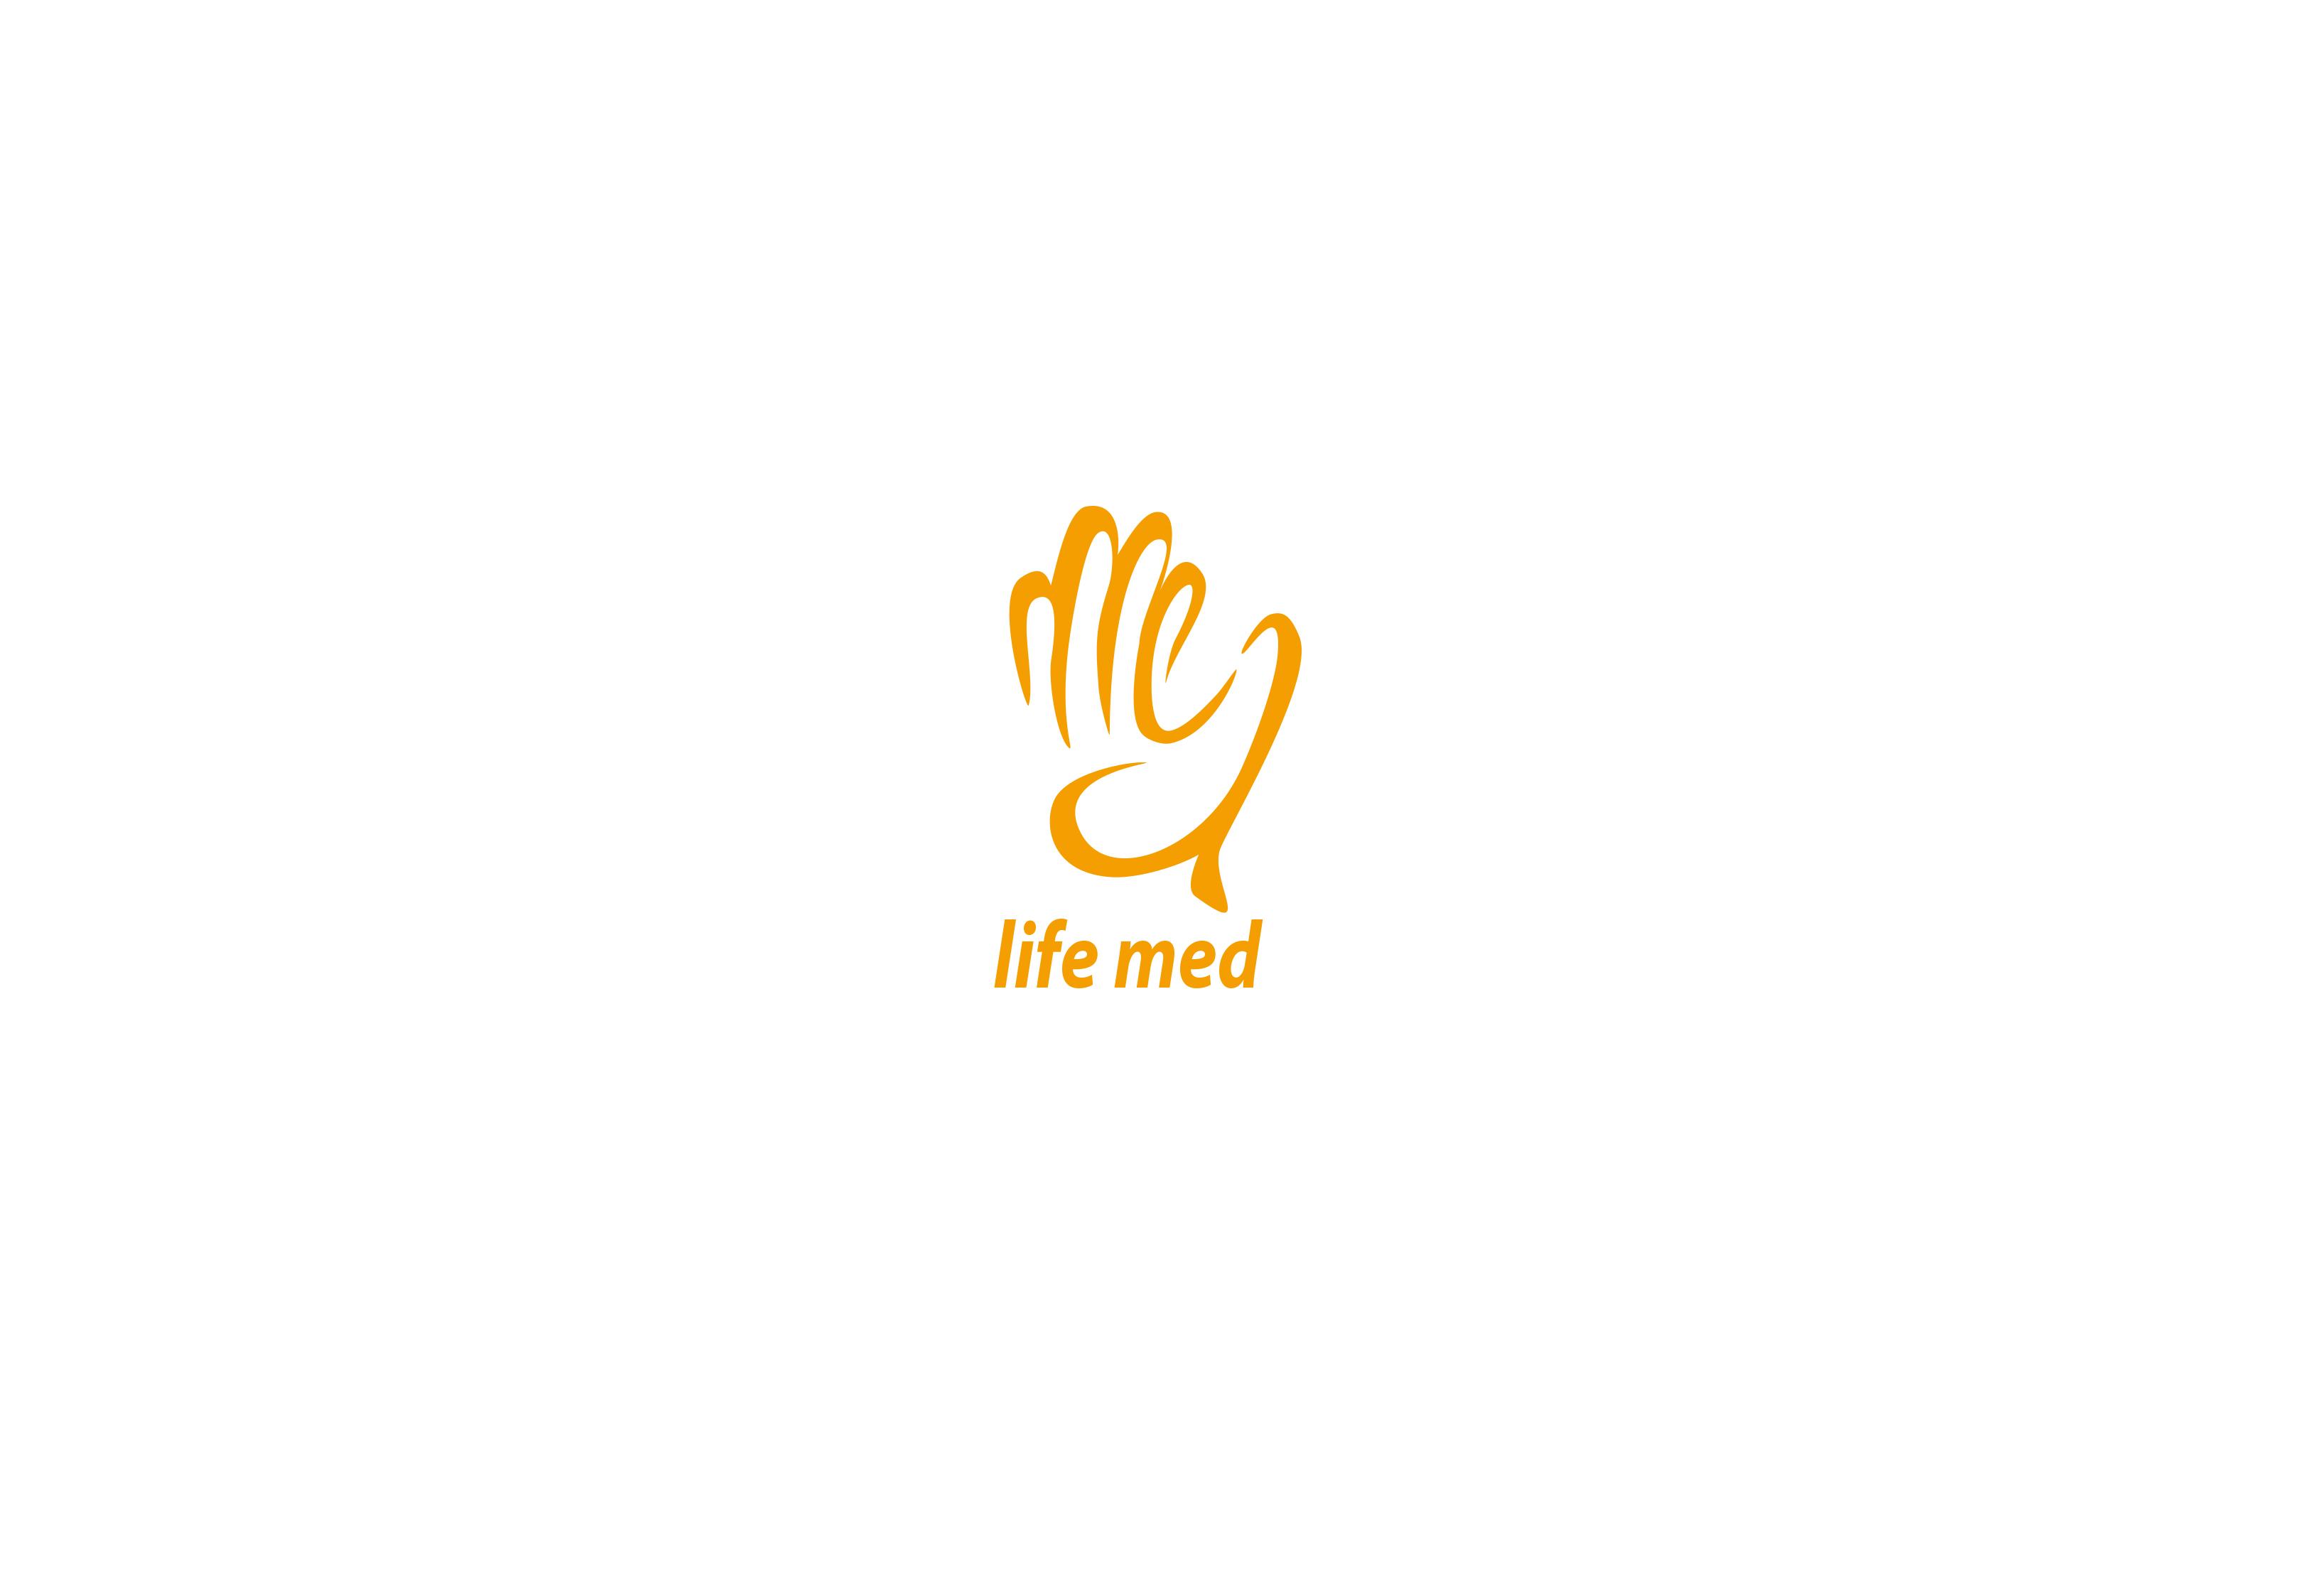 Logo-life-med-draft1